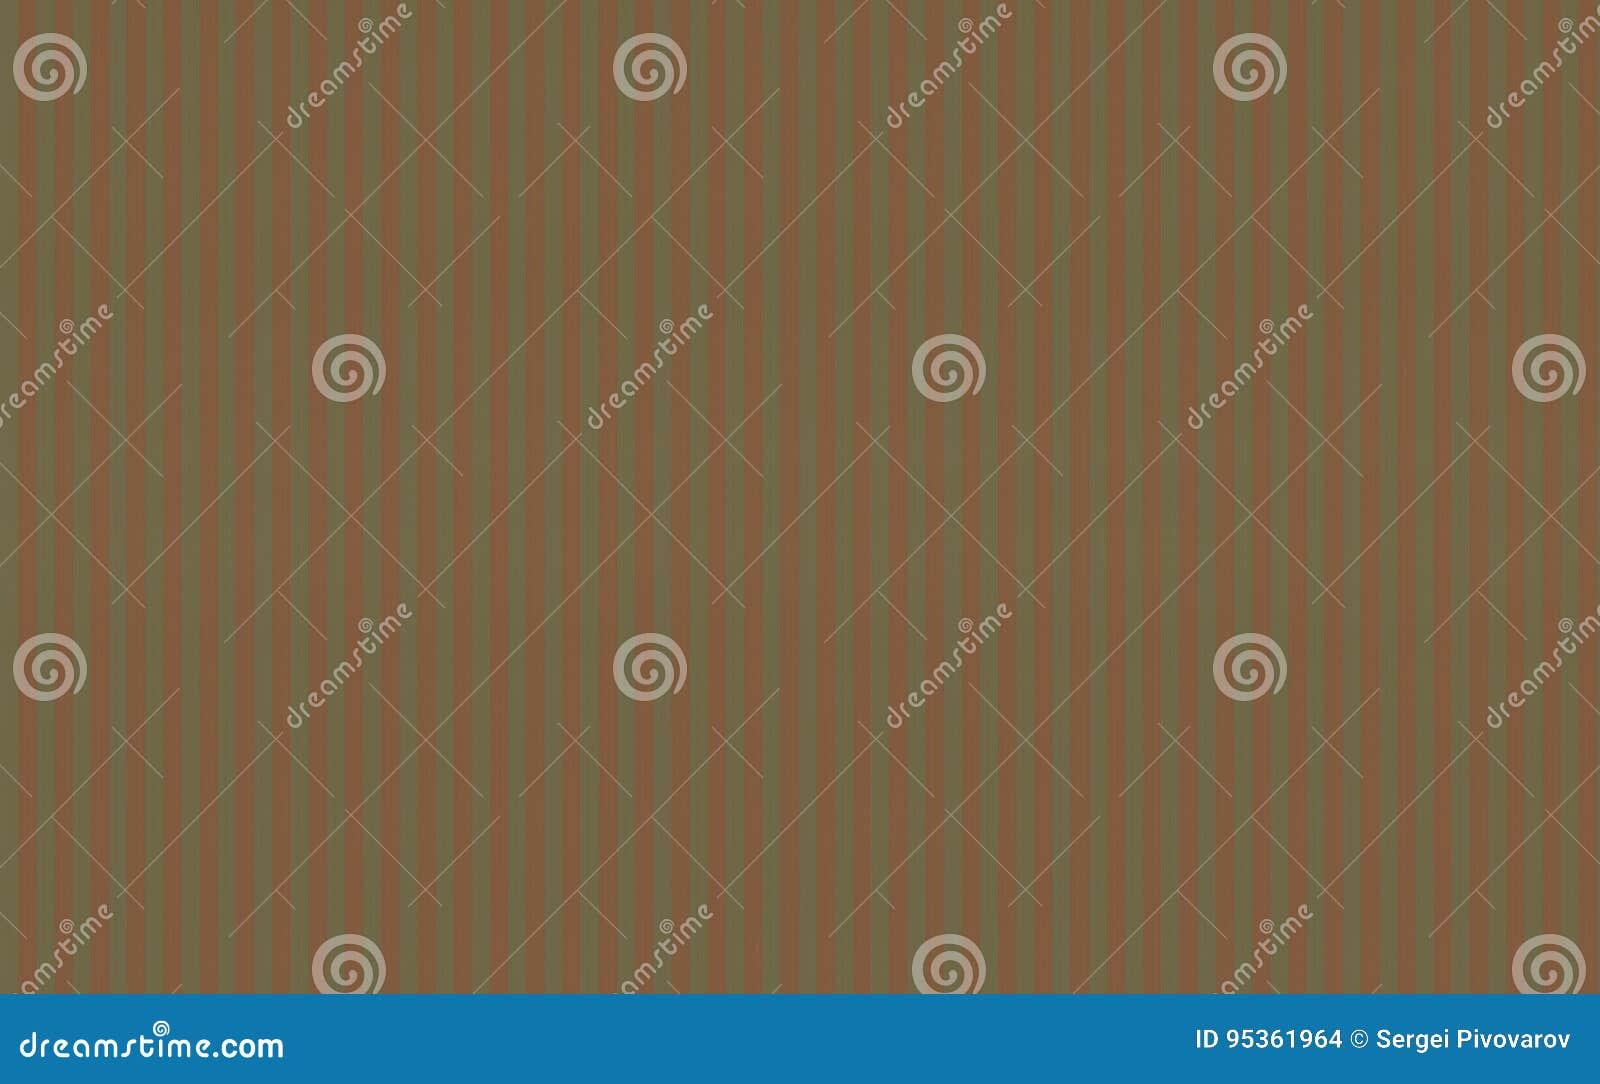 Μεσογειακή βάση ύφους σύστασης υποβάθρου του χακί χρώματος ελιών καμβά με την κόκκινη πορτοκαλιά κατακόρυφο